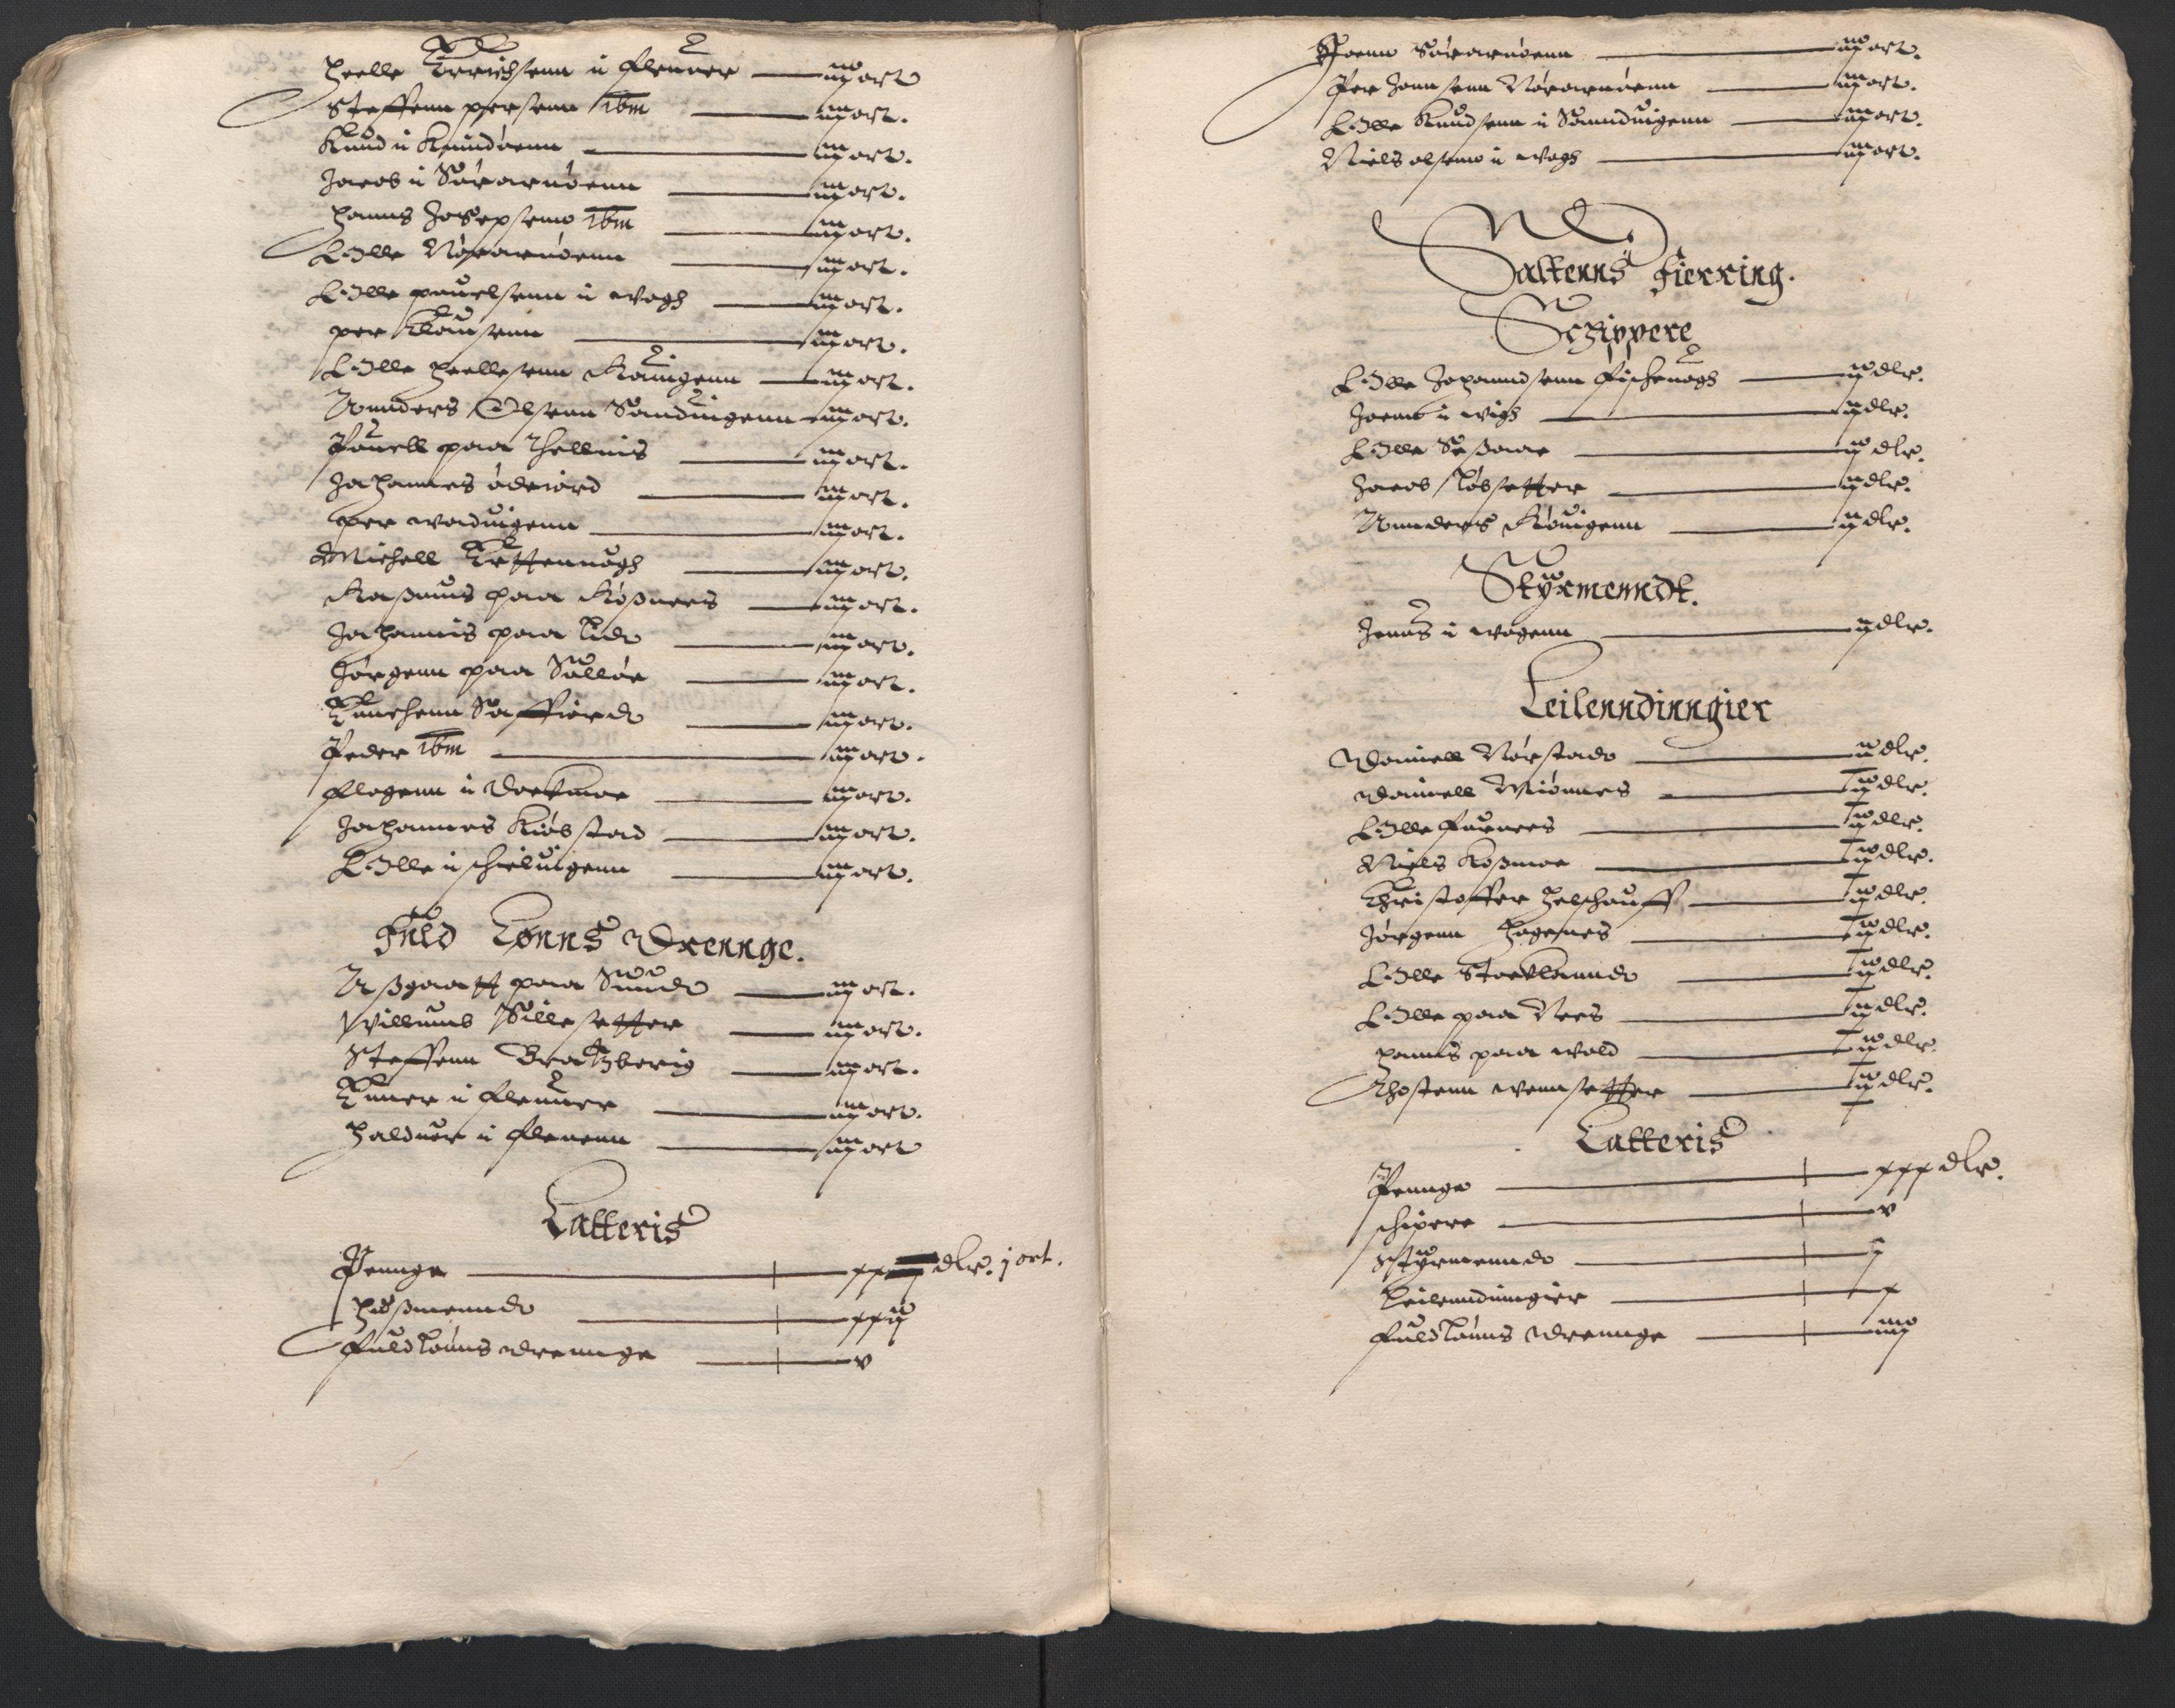 RA, Rentekammeret inntil 1814, Reviderte regnskaper, Lensregnskaper, R/Rb/Rbz/L0025: Nordlandenes len, 1631-1635